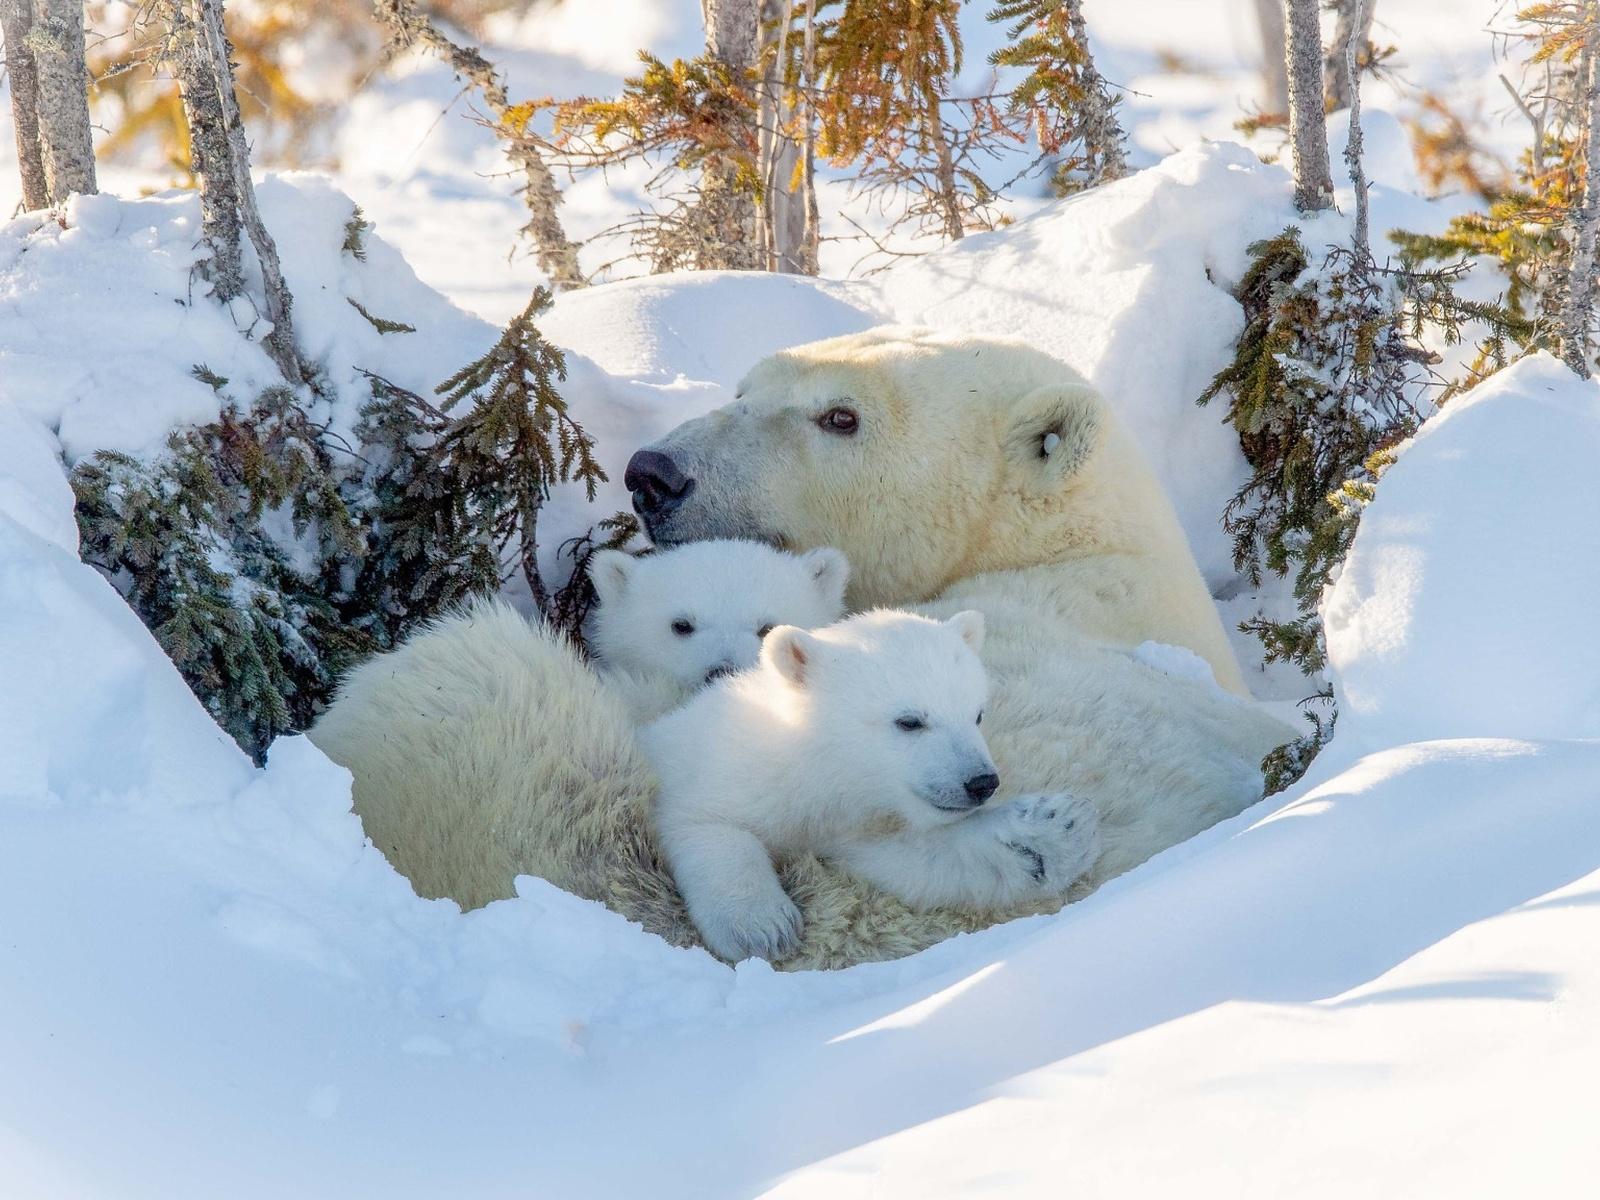 зима, белый, небо, снег, природа, медведь, семья, медведи, три, белая, медвежонок, белые, медвежата, белый медведь, трио